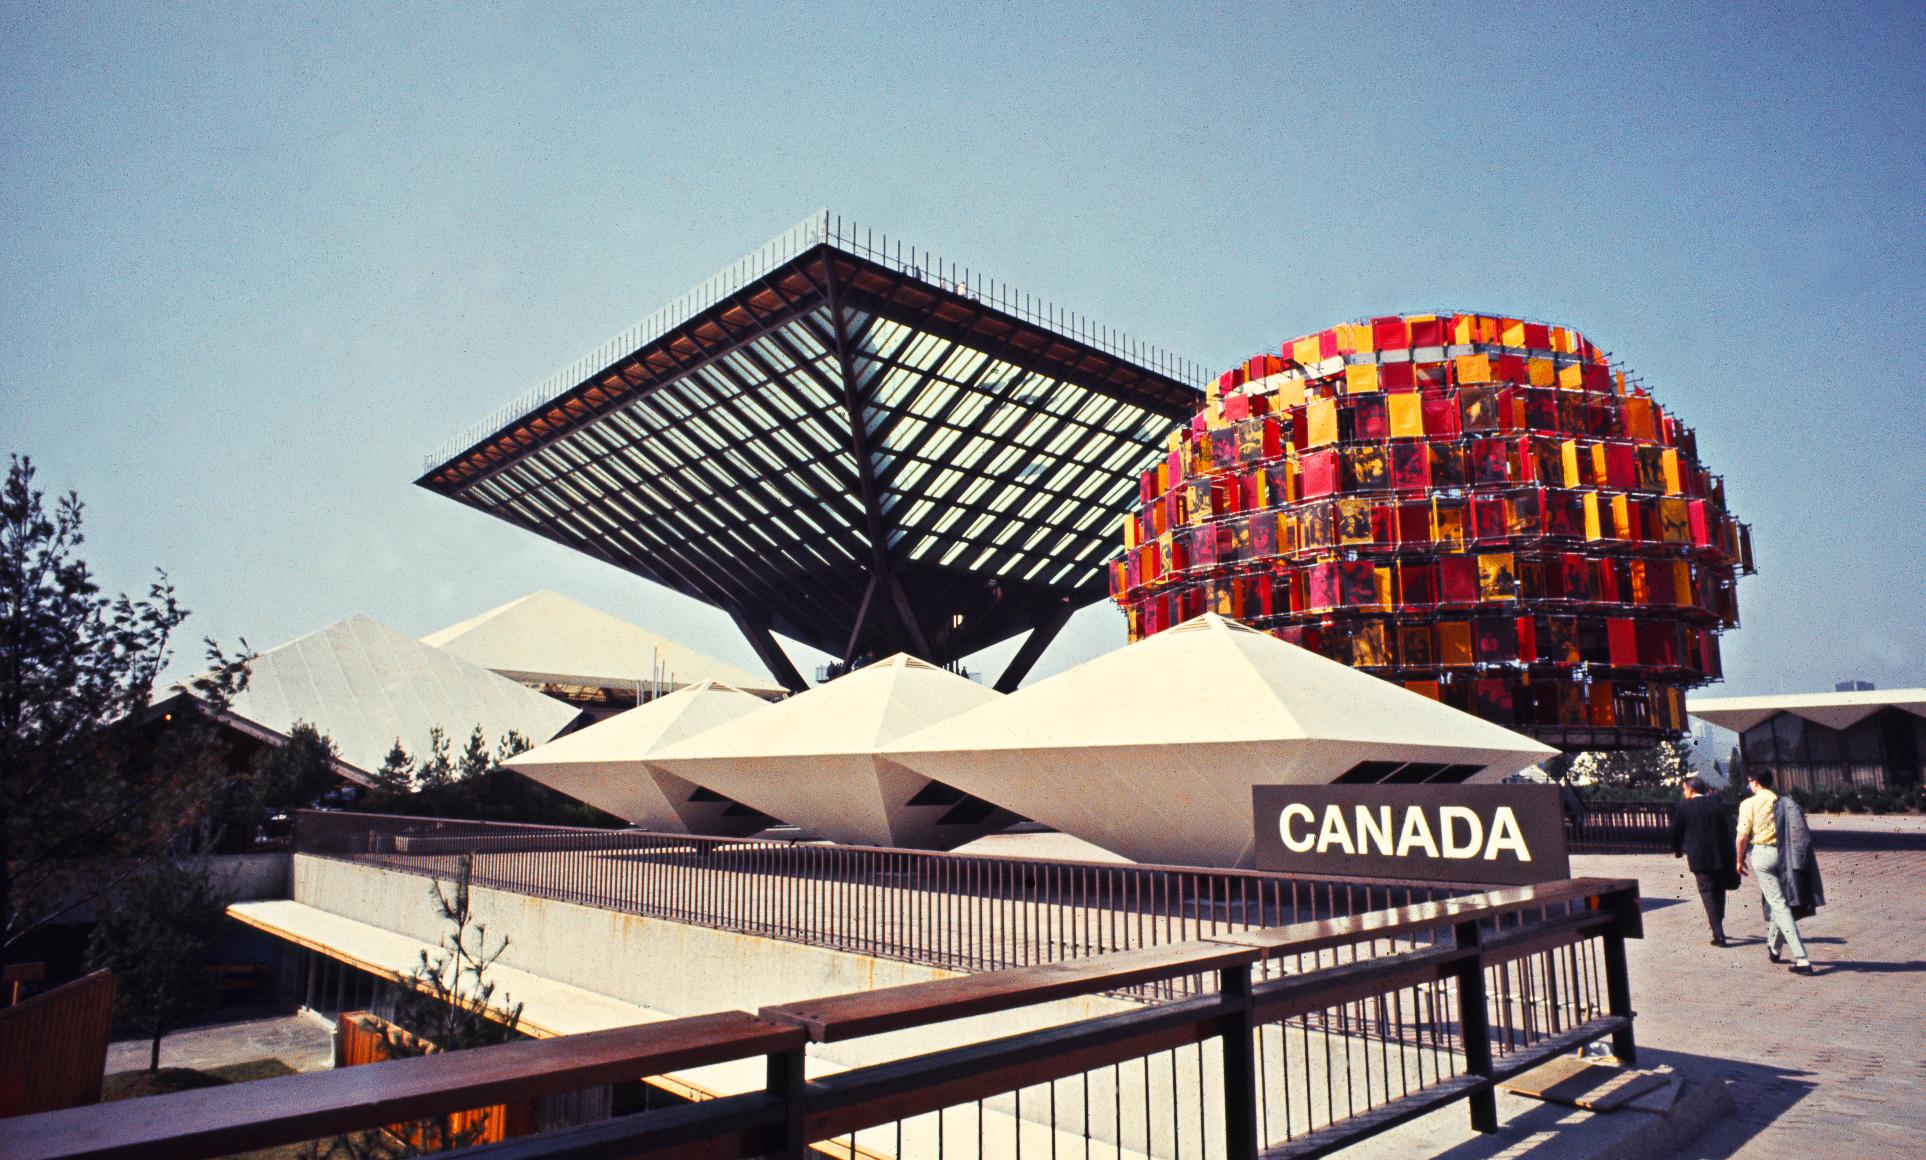 Pavillon du Canada (Katimavik et Arbre des Canadiens)